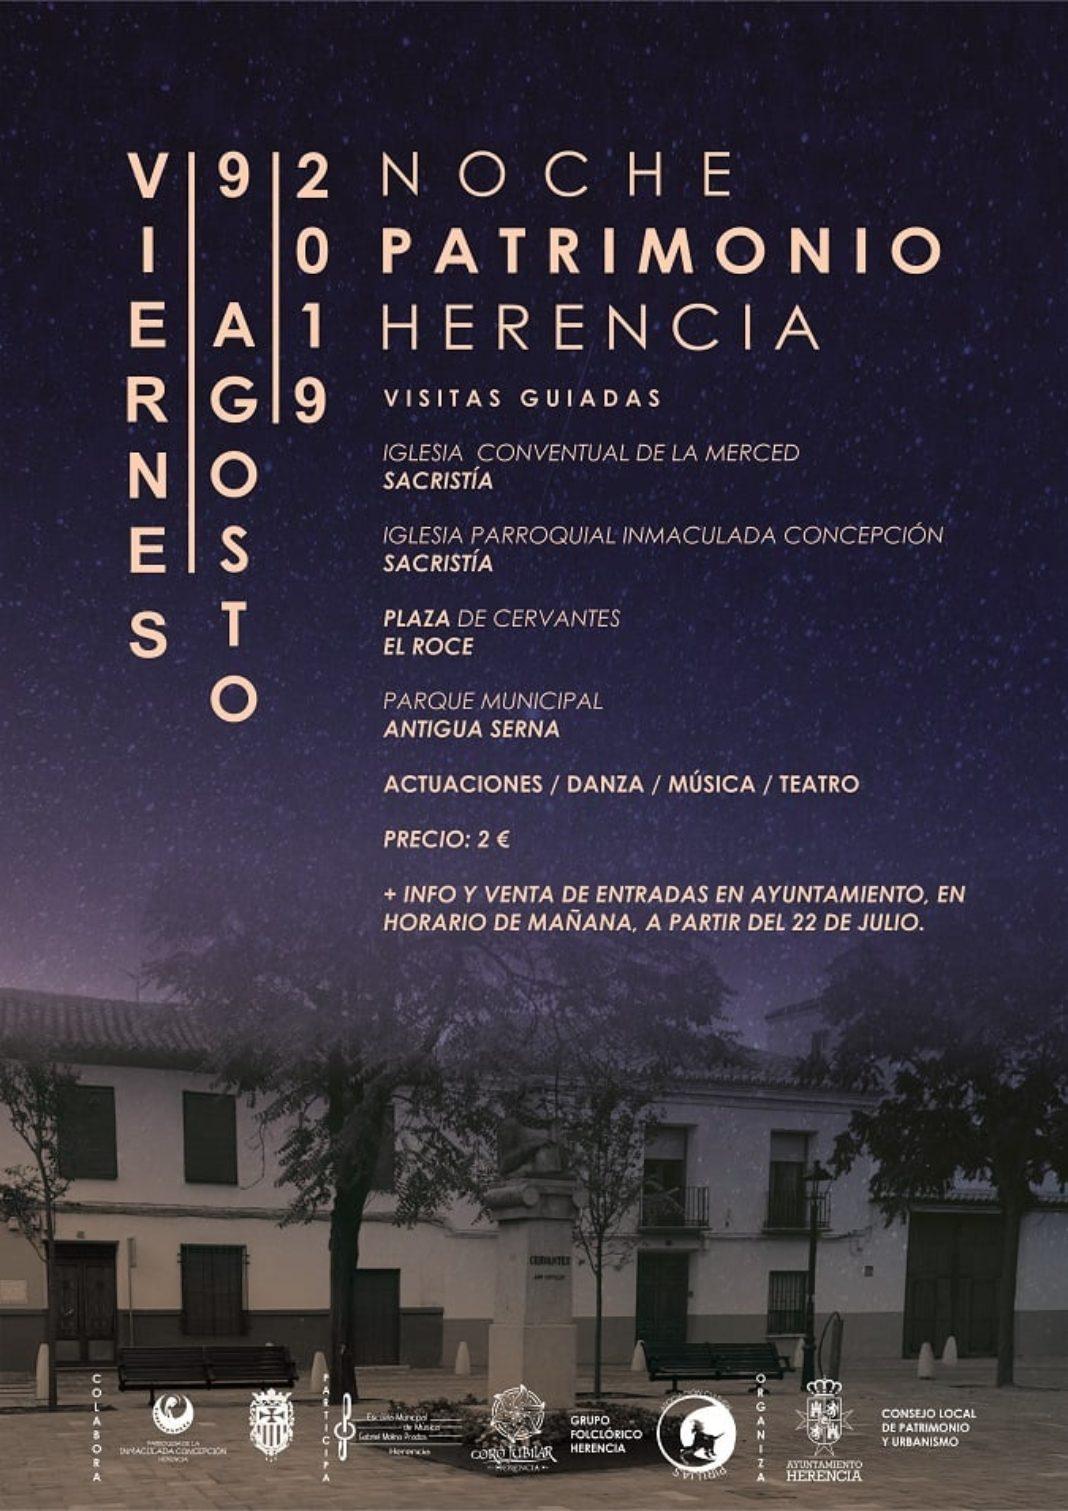 ii noche del patrimonio herencia 1068x1511 - Herencia presenta la II Noche del Patrimonio